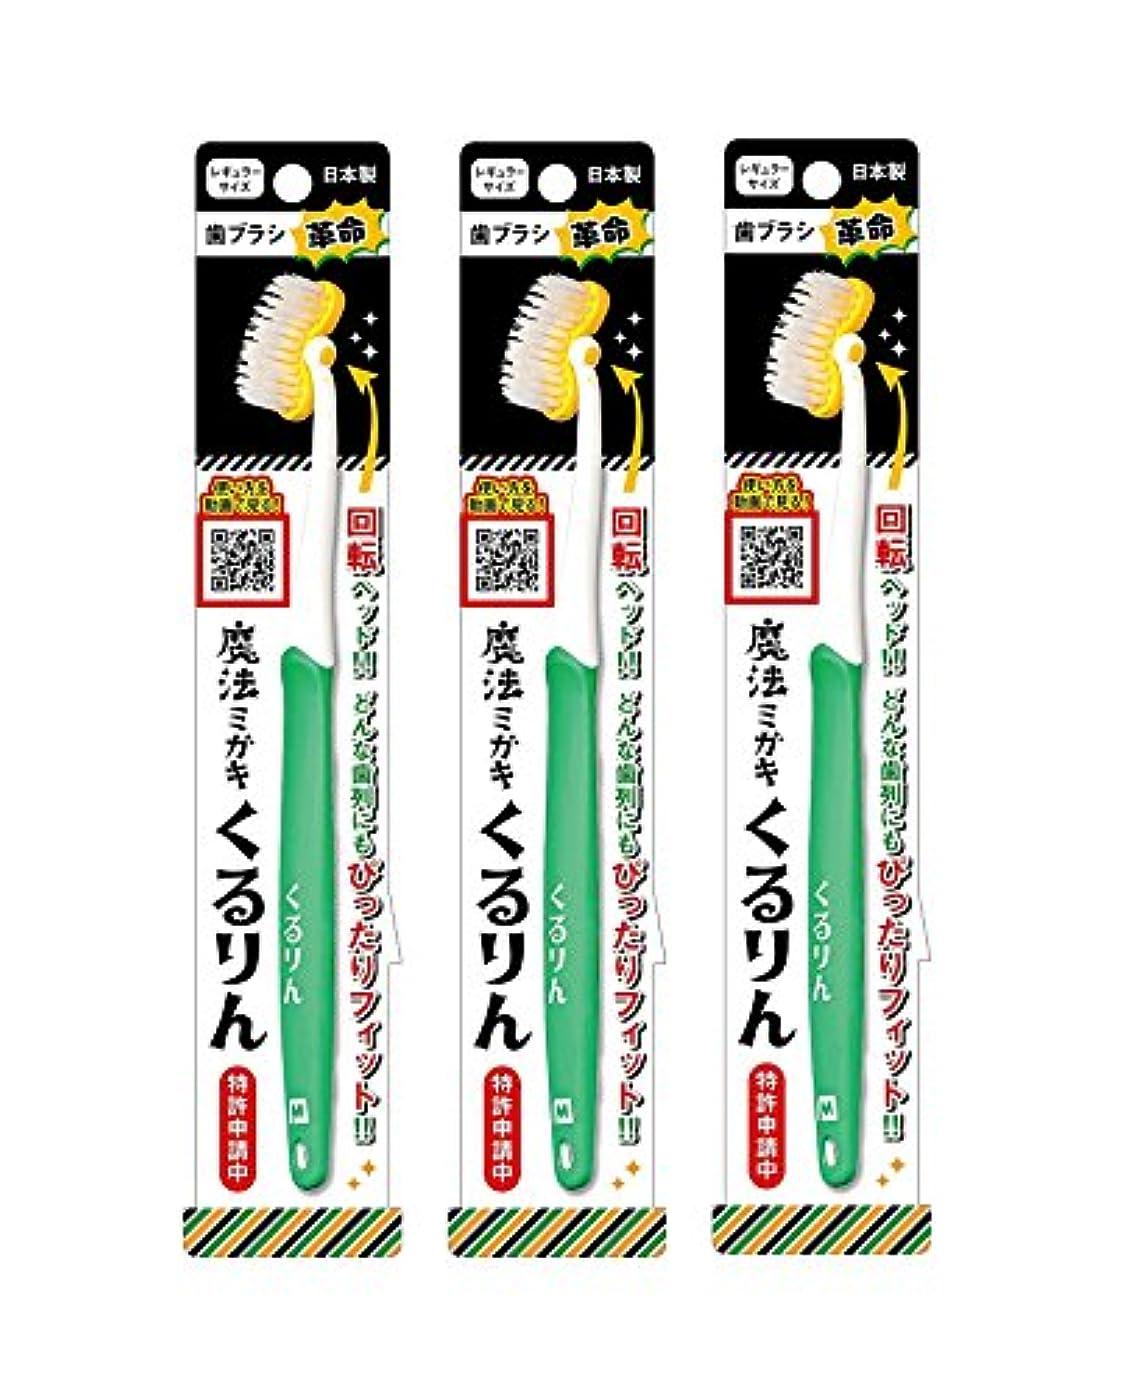 暴露蚊へこみ歯ブラシ革命 魔法ミガキくるりん MM-151 グリーン 3本セット